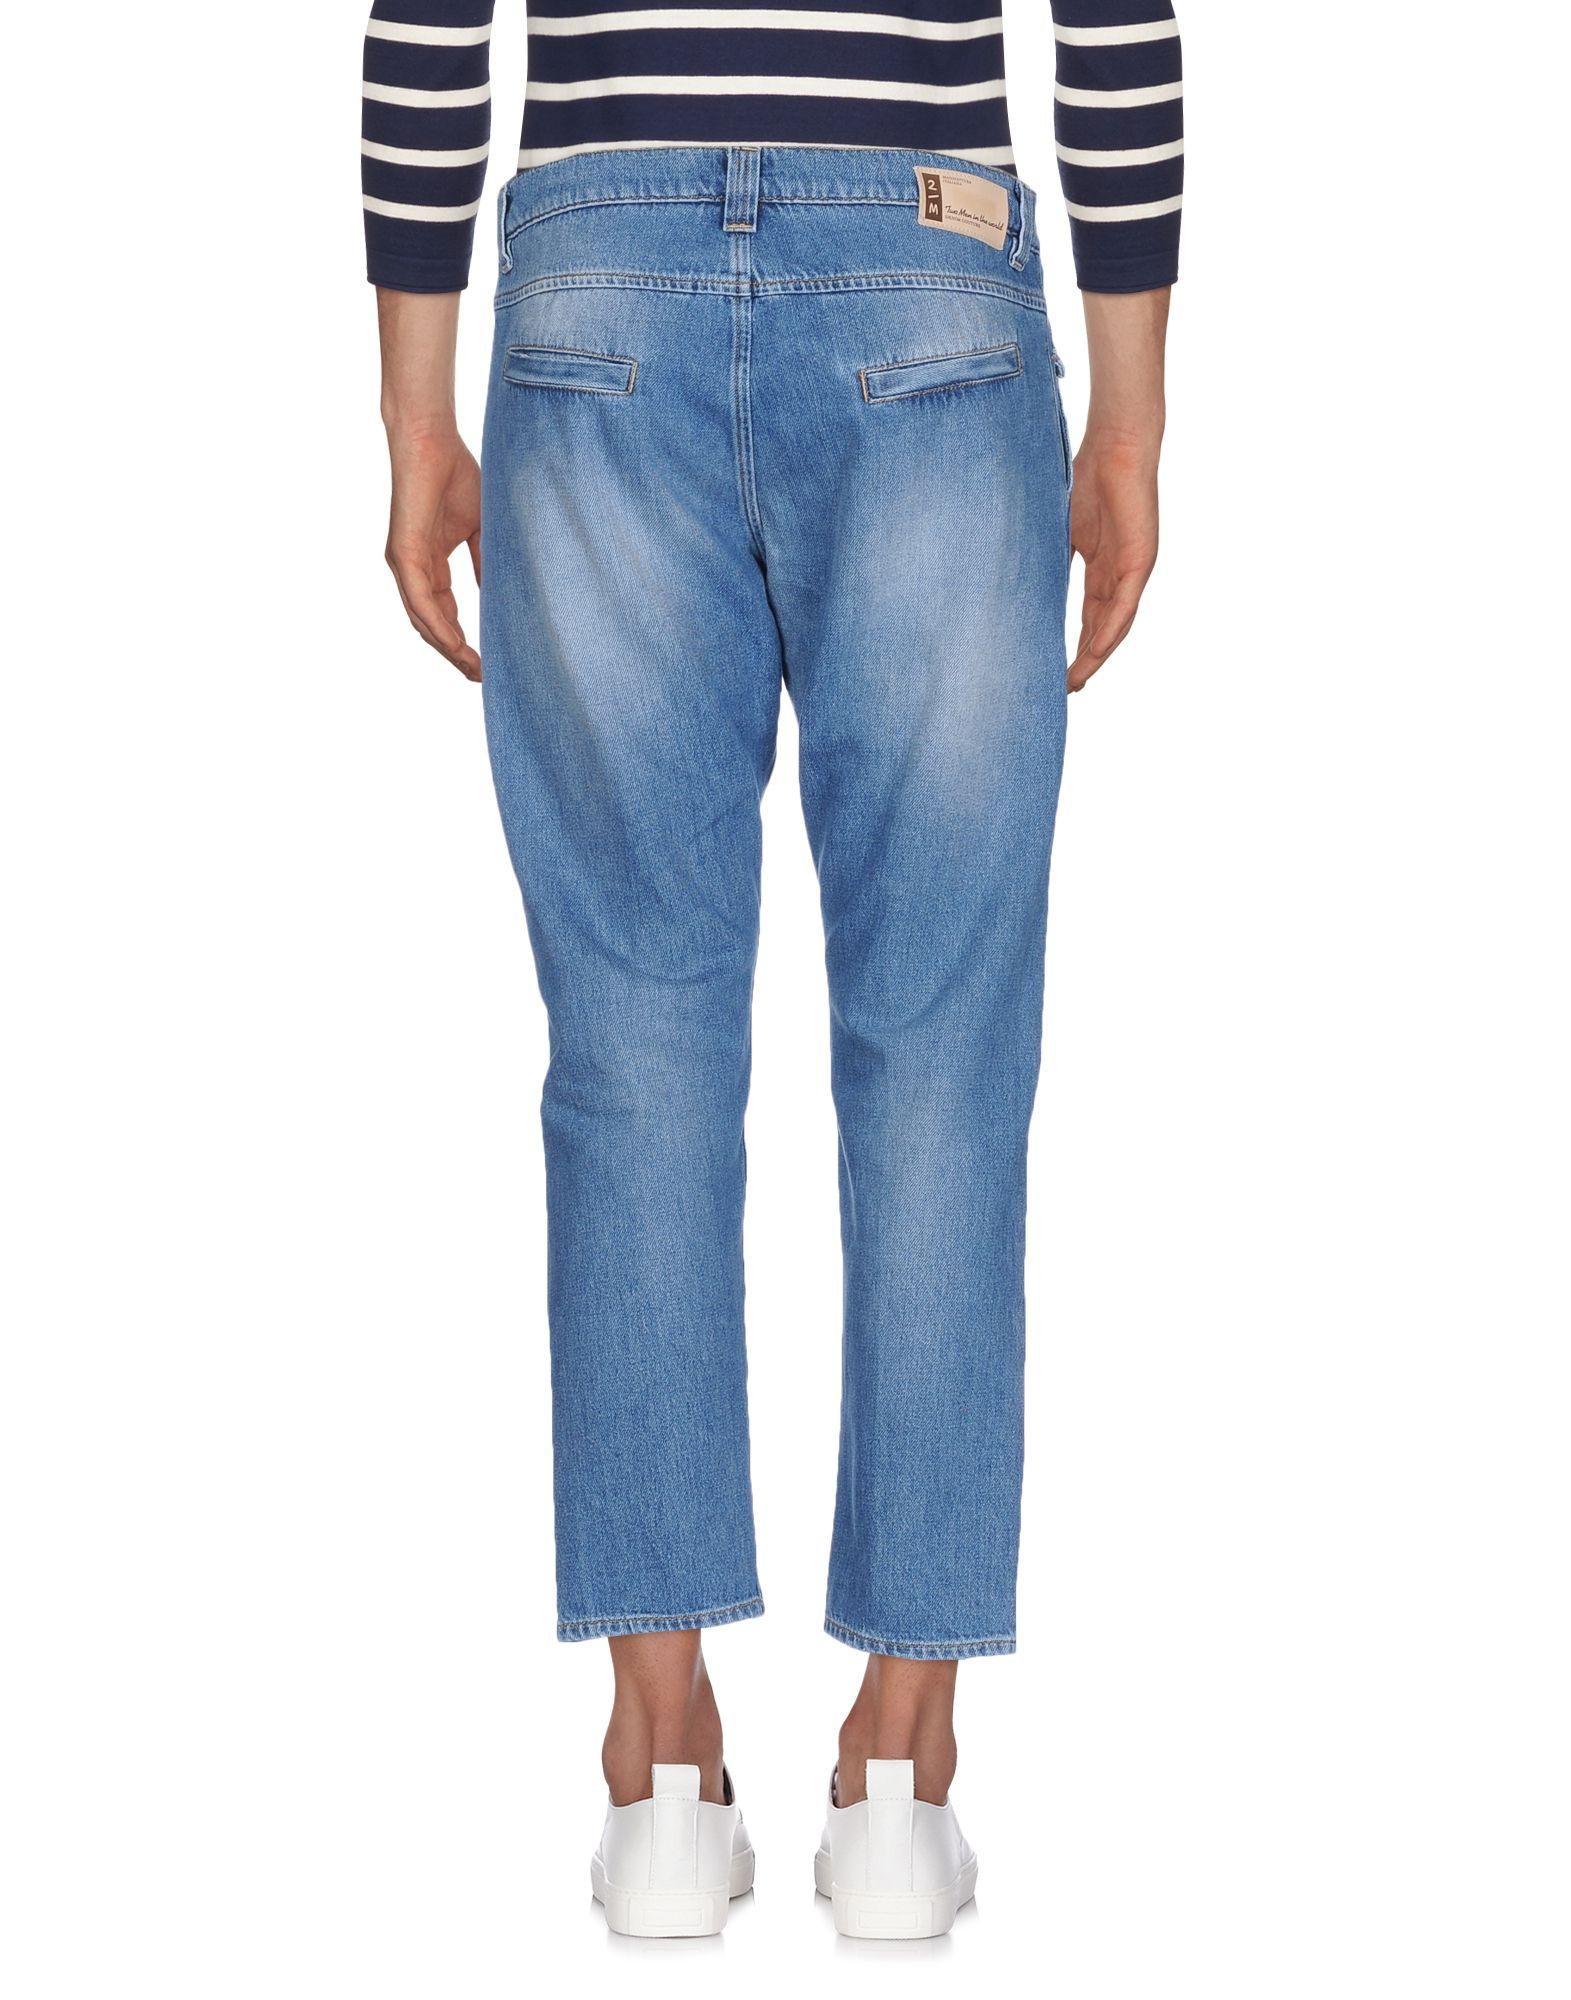 Pantaloni Jeans 2W2m - Uomo - 2W2m 42657141RU 70675b